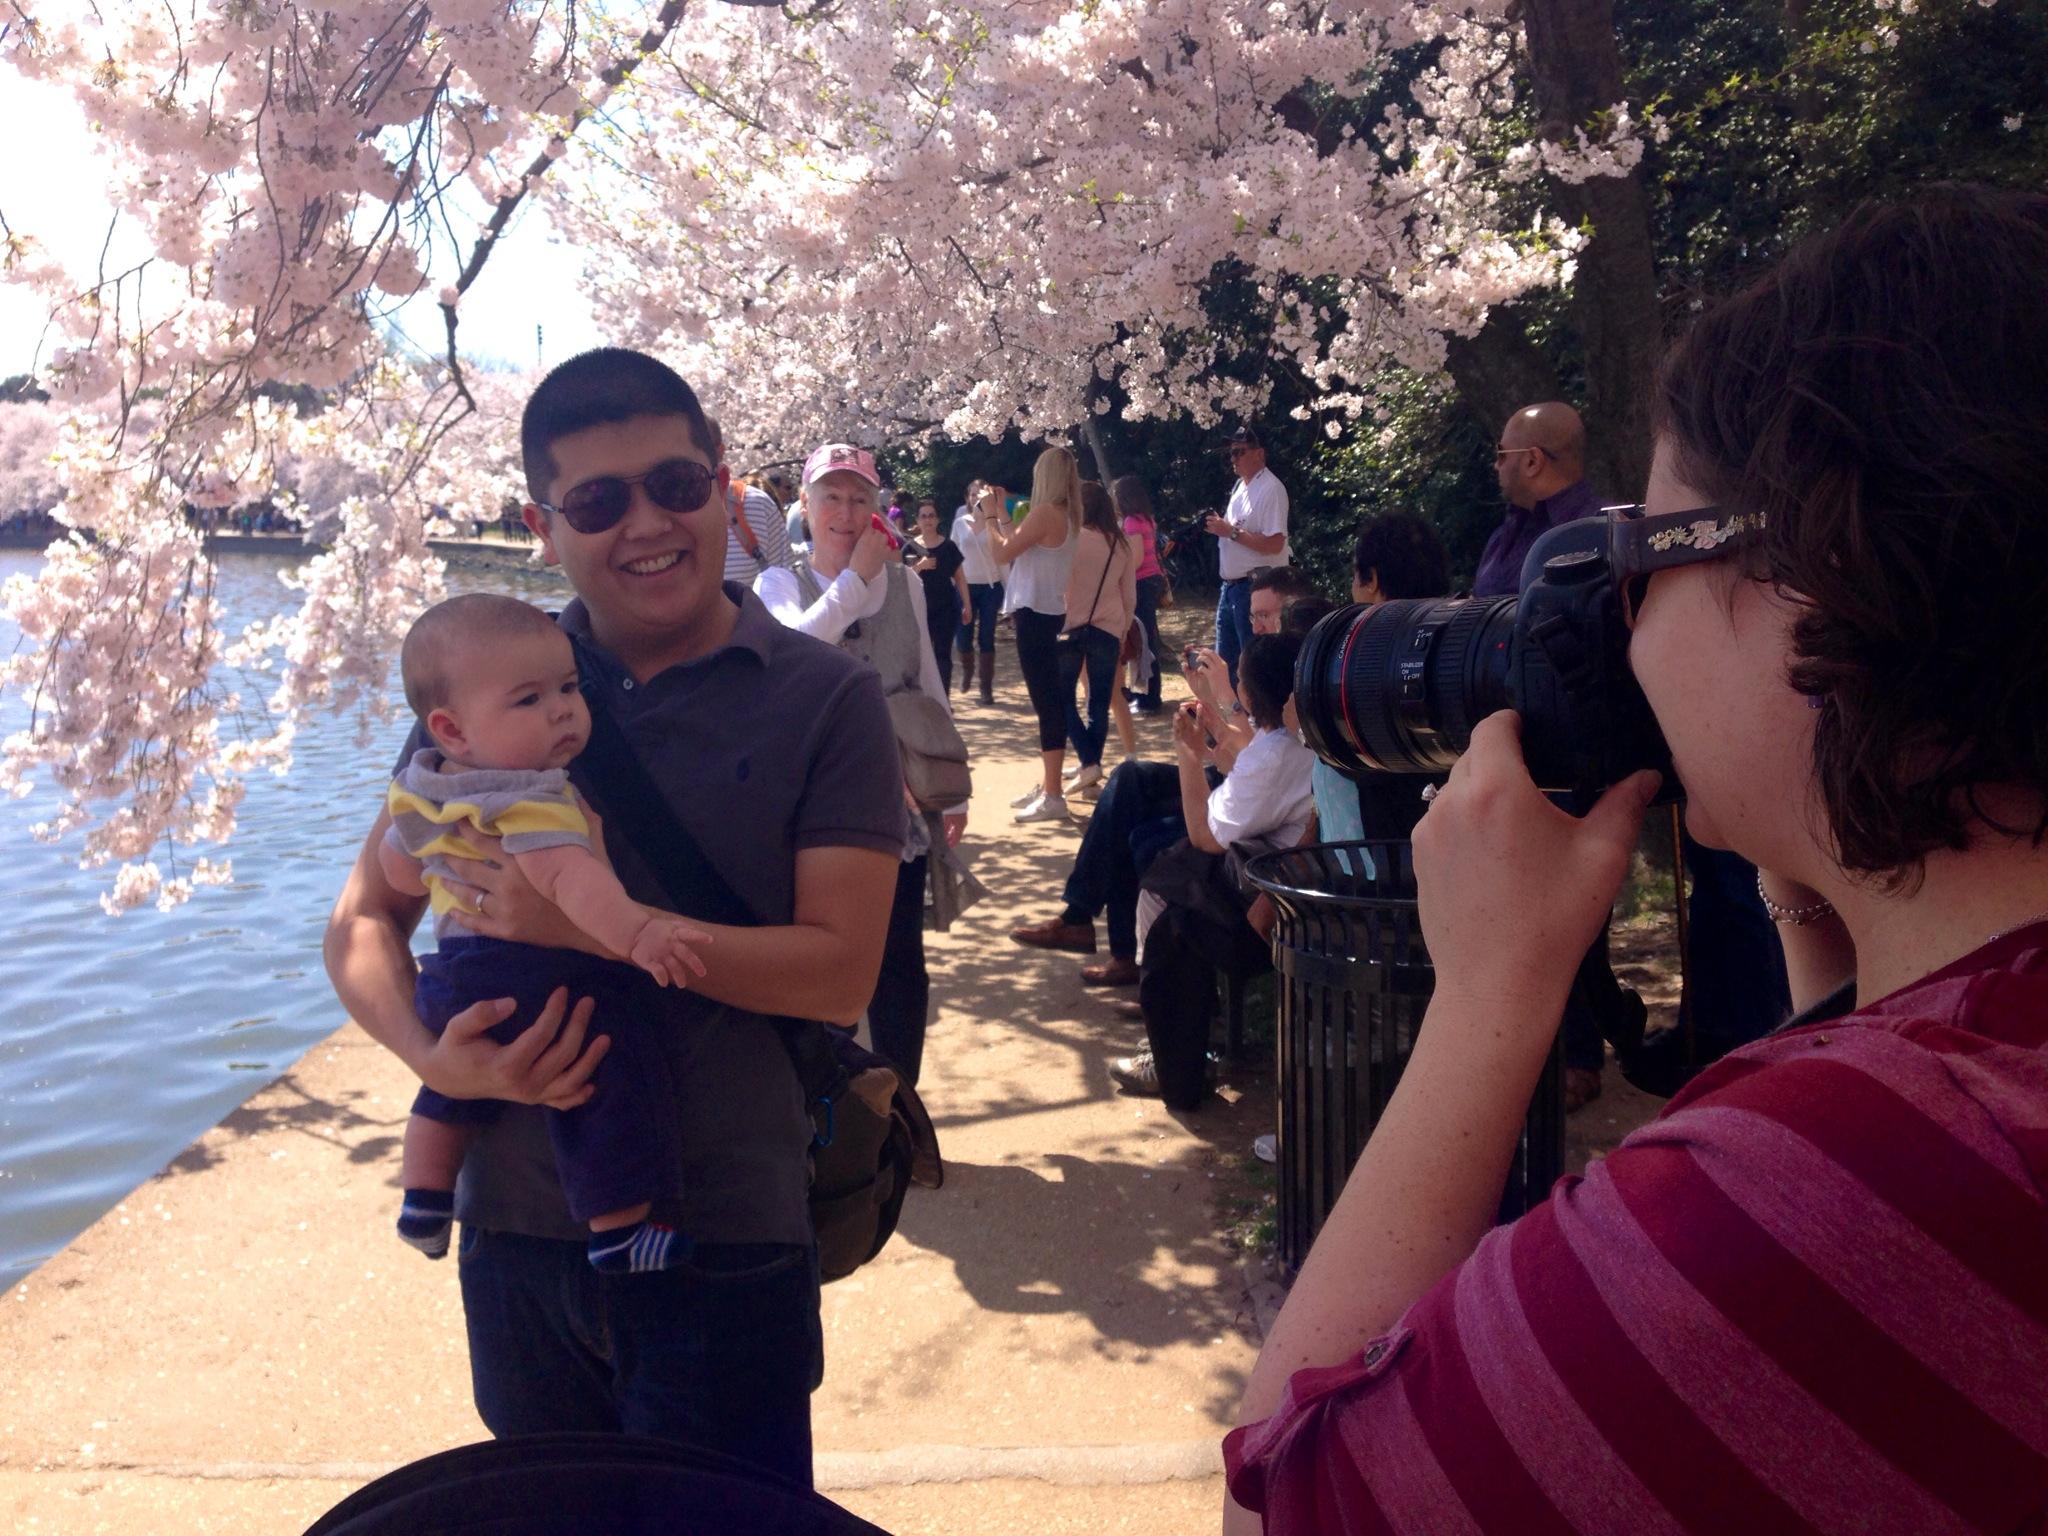 Brian, de 6 meses, no colo do pai, Grant Umeda, enquanto a mãe, Elizabeth, tira muitas fotos